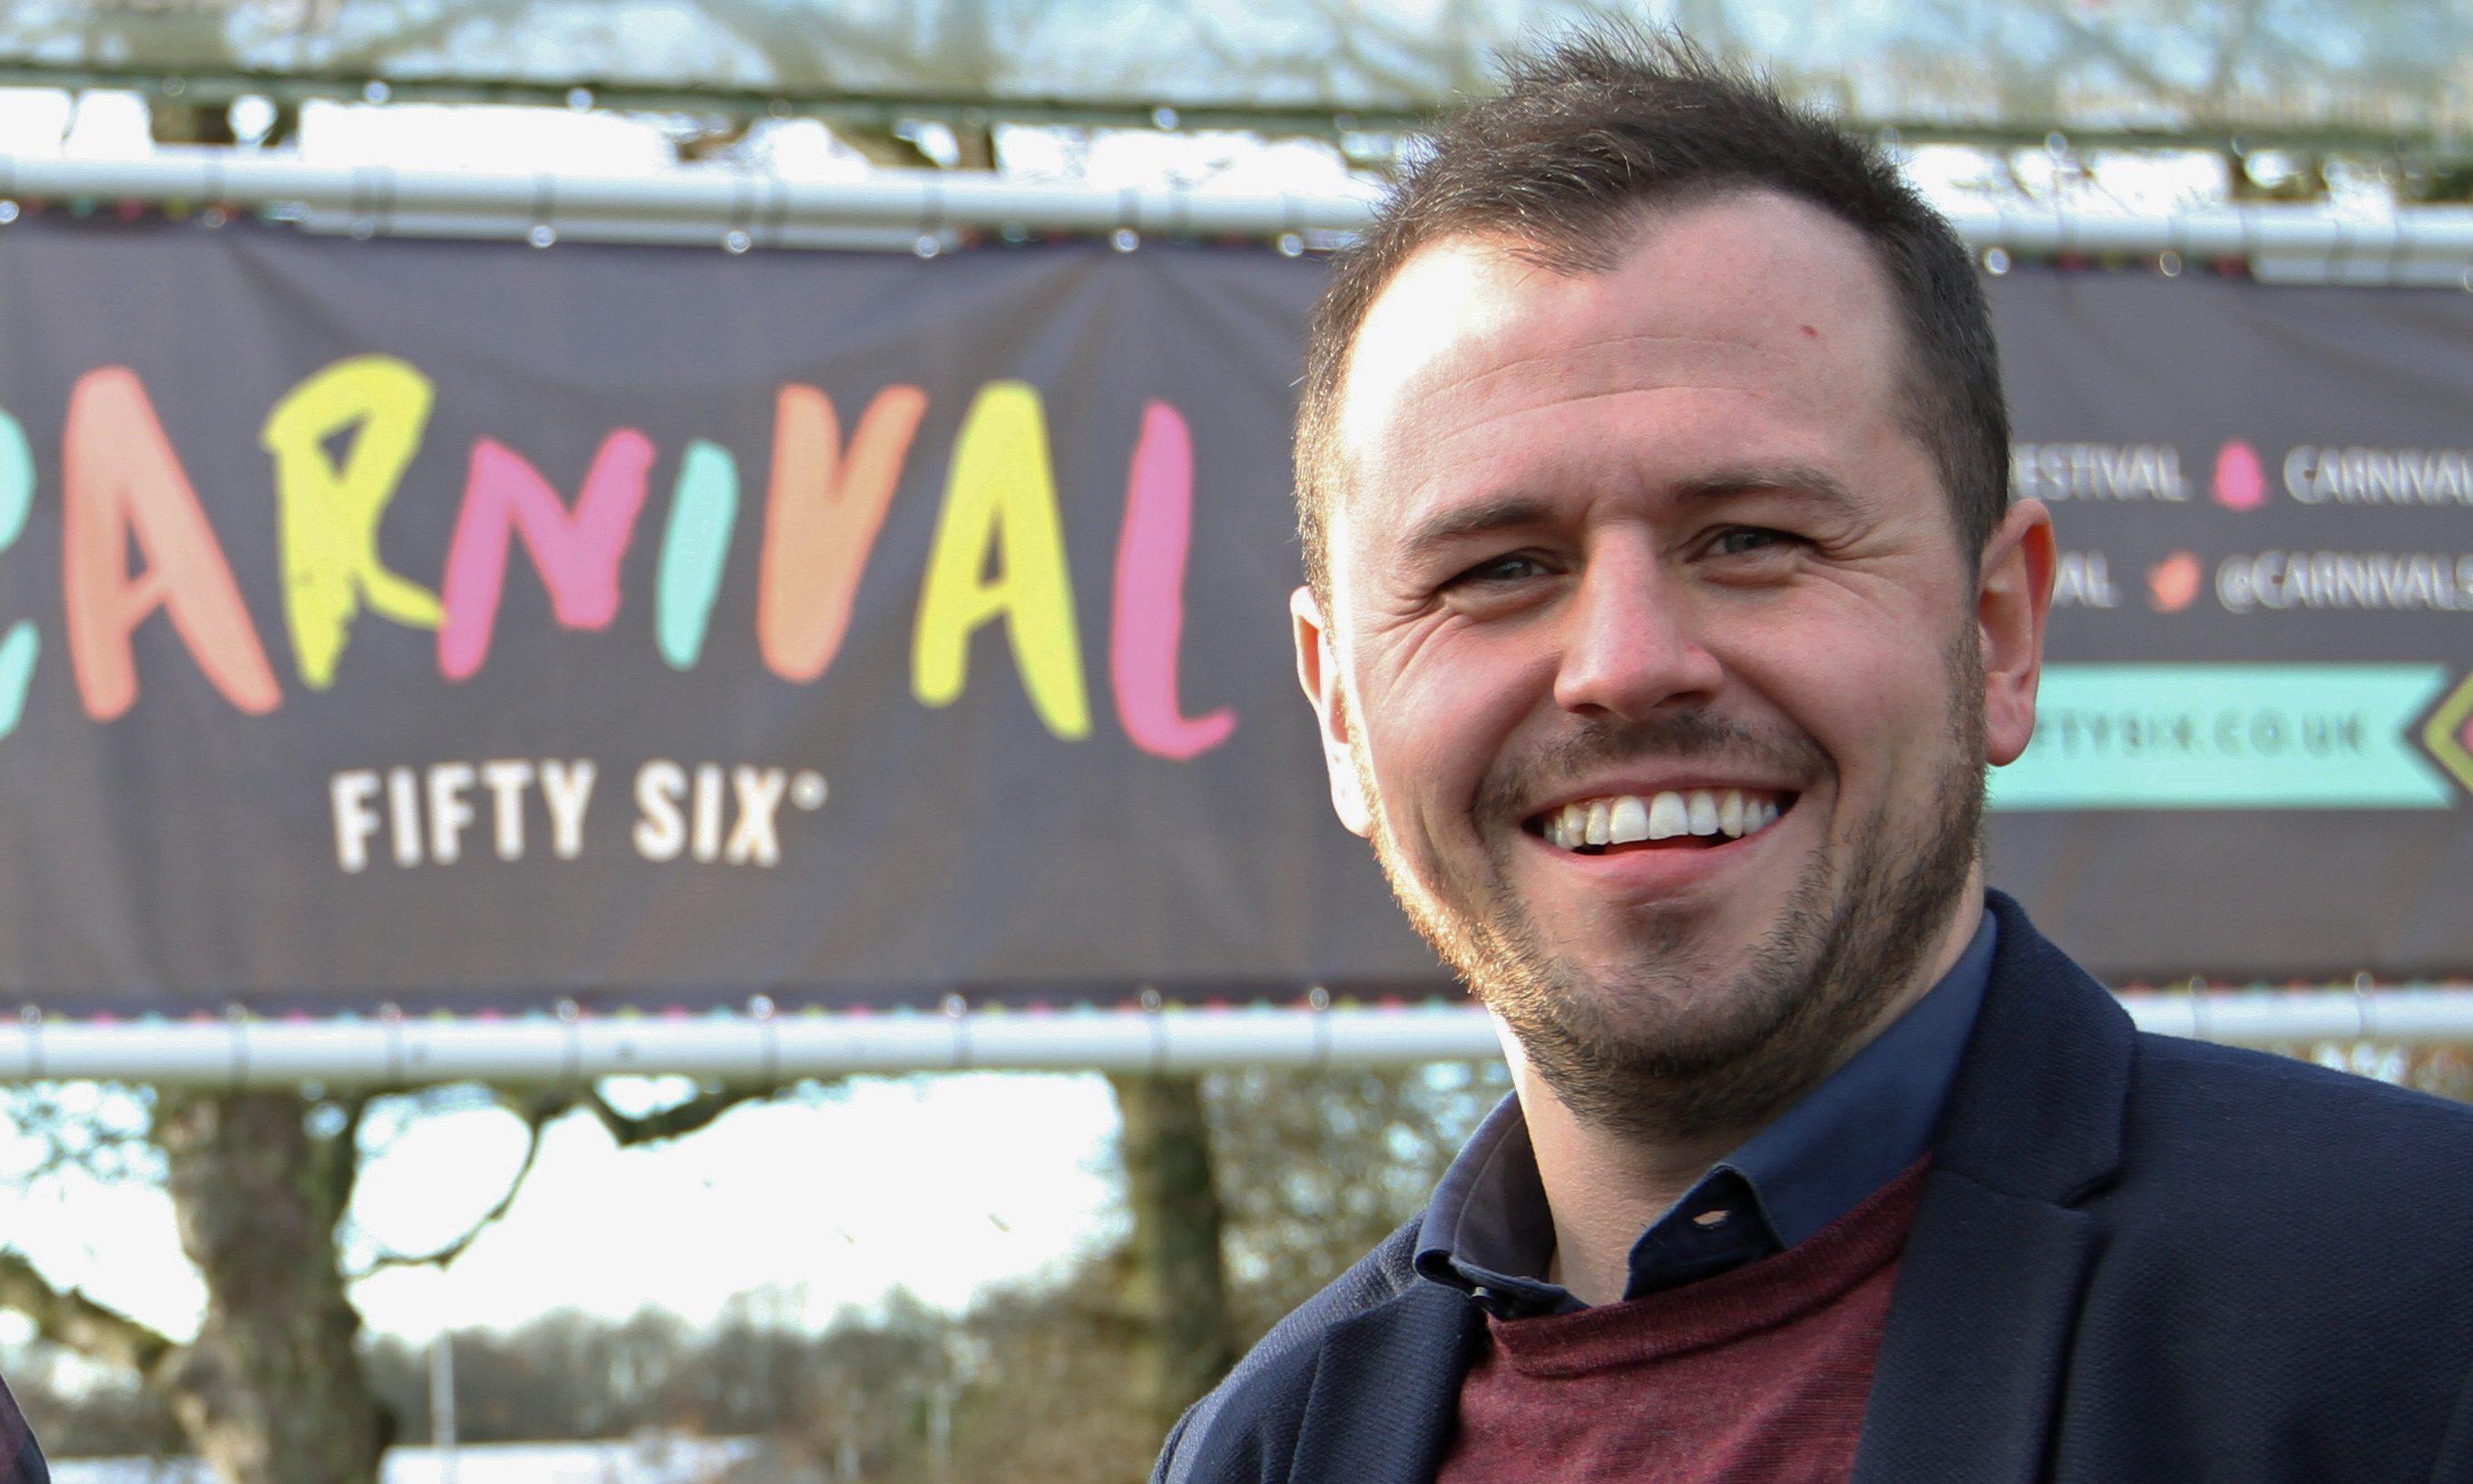 Festival director Craig Blyth